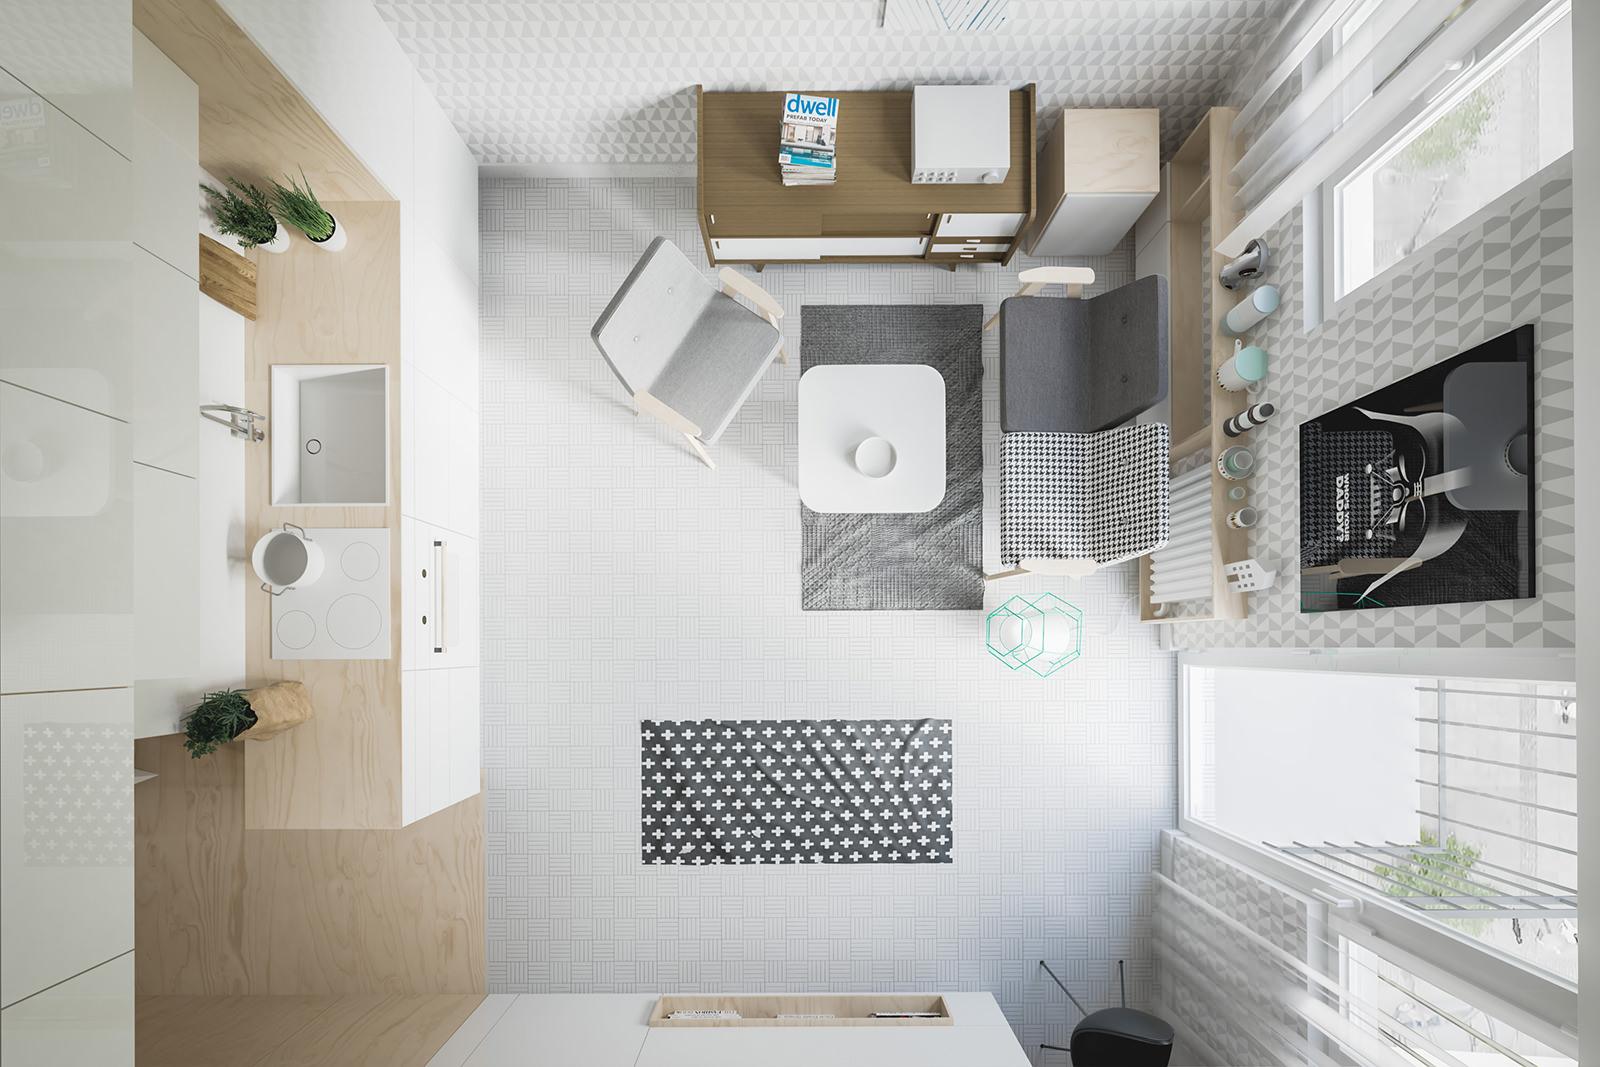 дизайн квартиры студии квадратной планировки